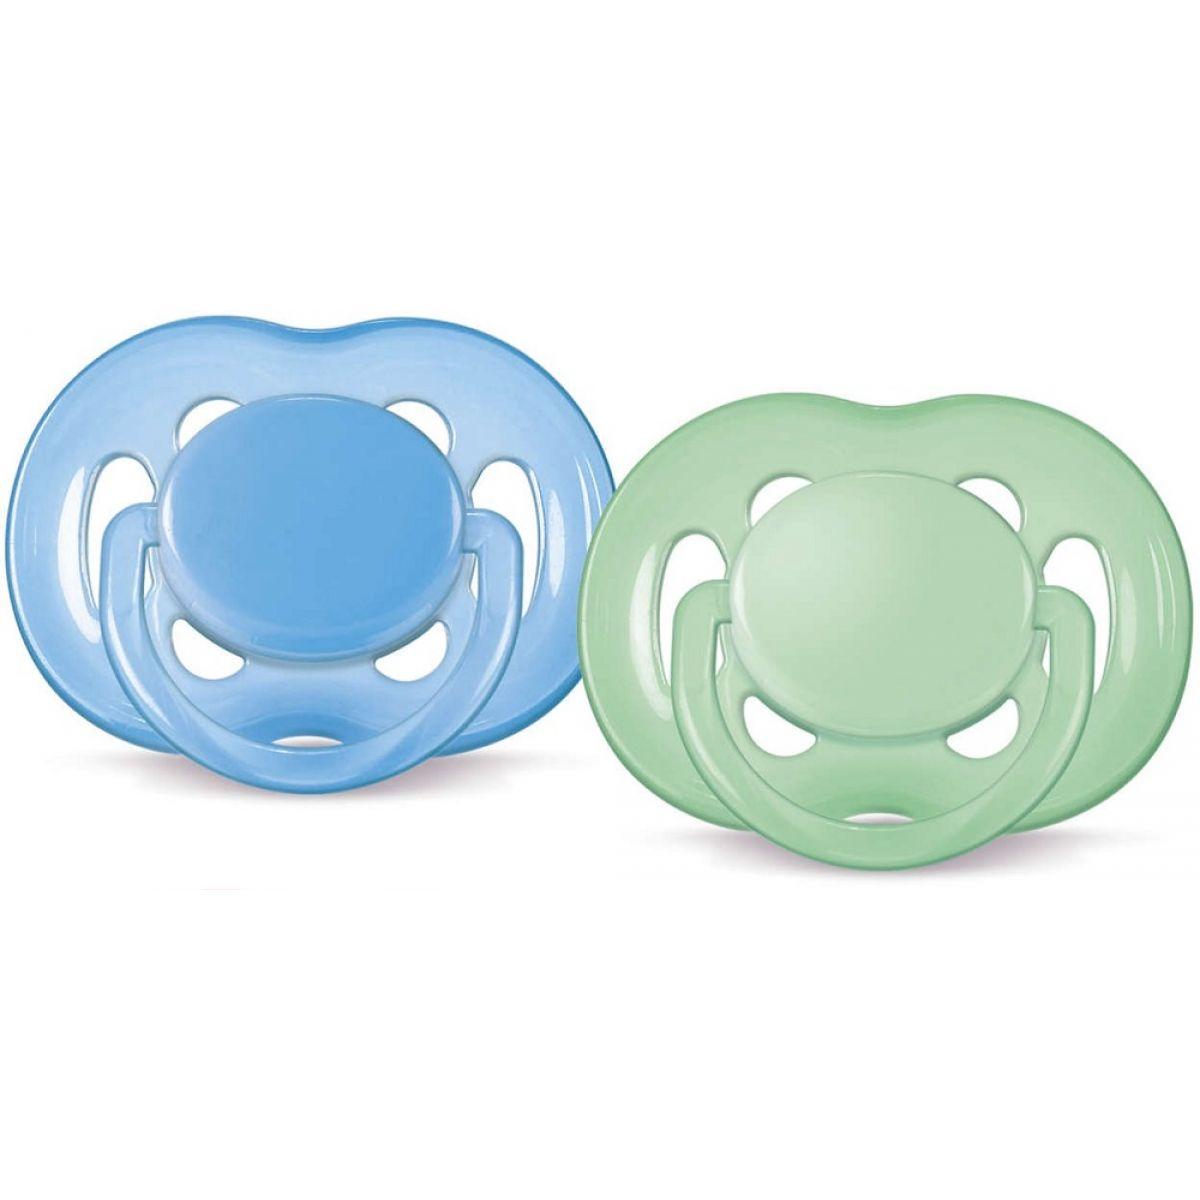 AVENT Cumlík silikónový Sensitive - modrý/zelený 6-18m, 2ks